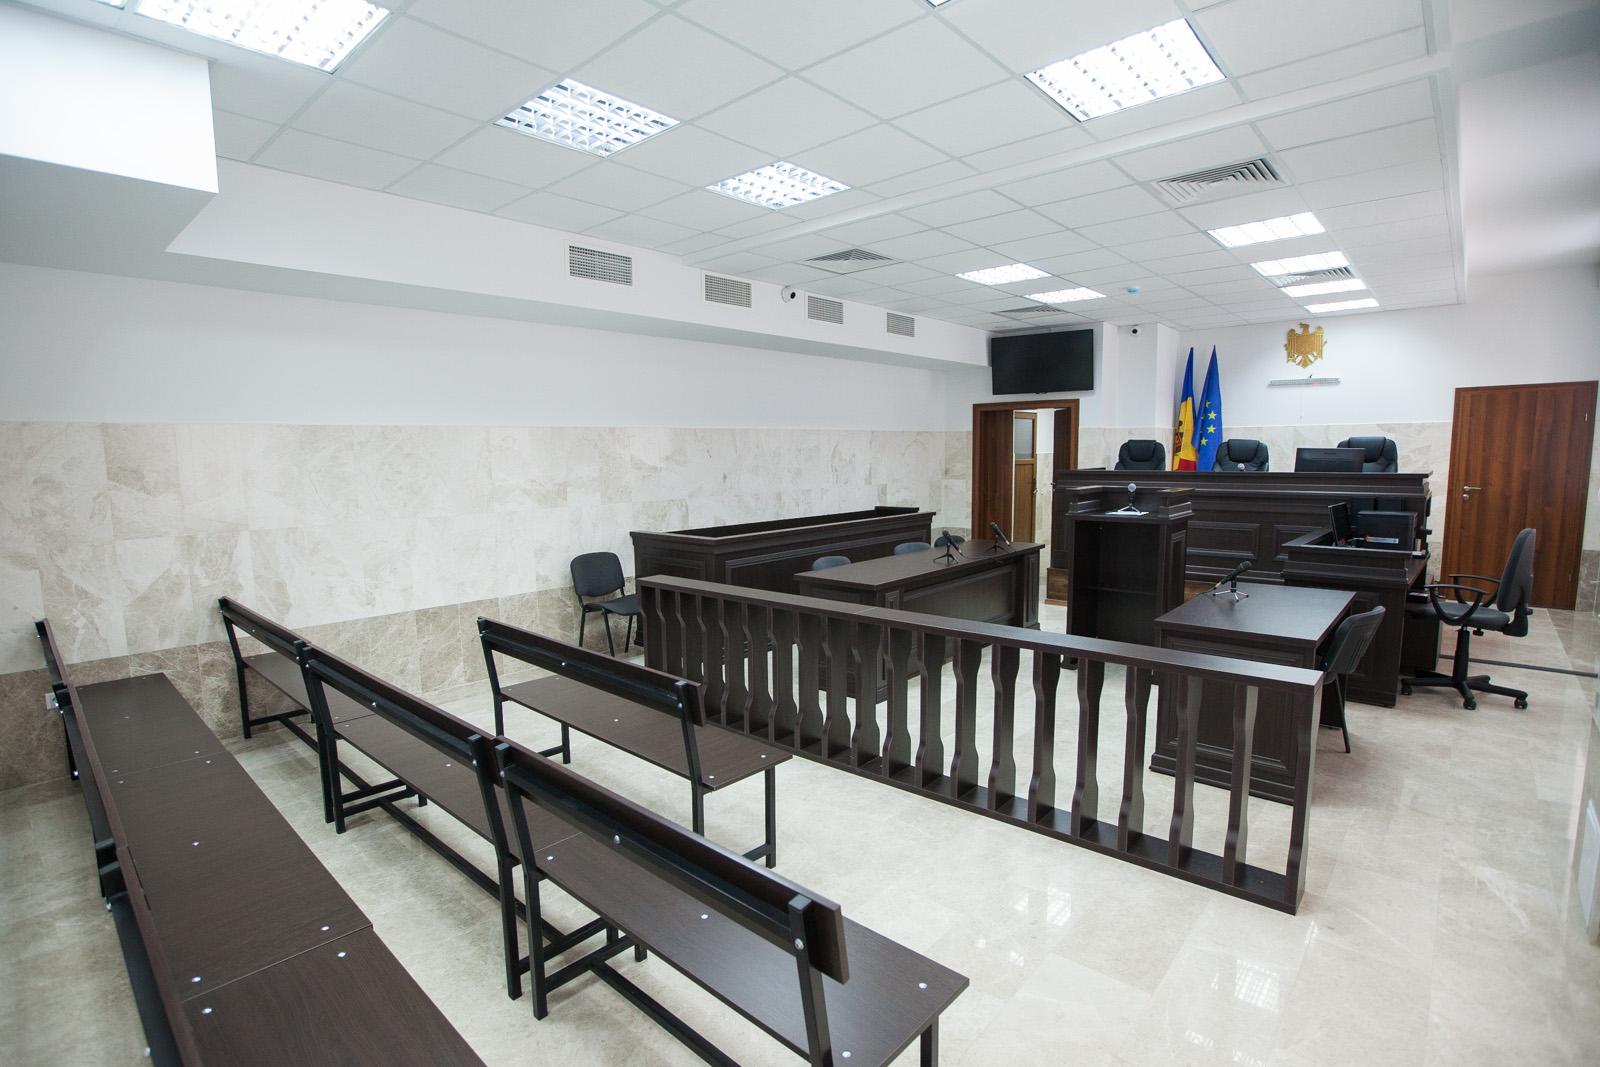 La Ungheni a fost inaugurat primul Palat de Justiție din Republica Moldova: Are opt săli de judecată și o cameră amenajată pentru minori